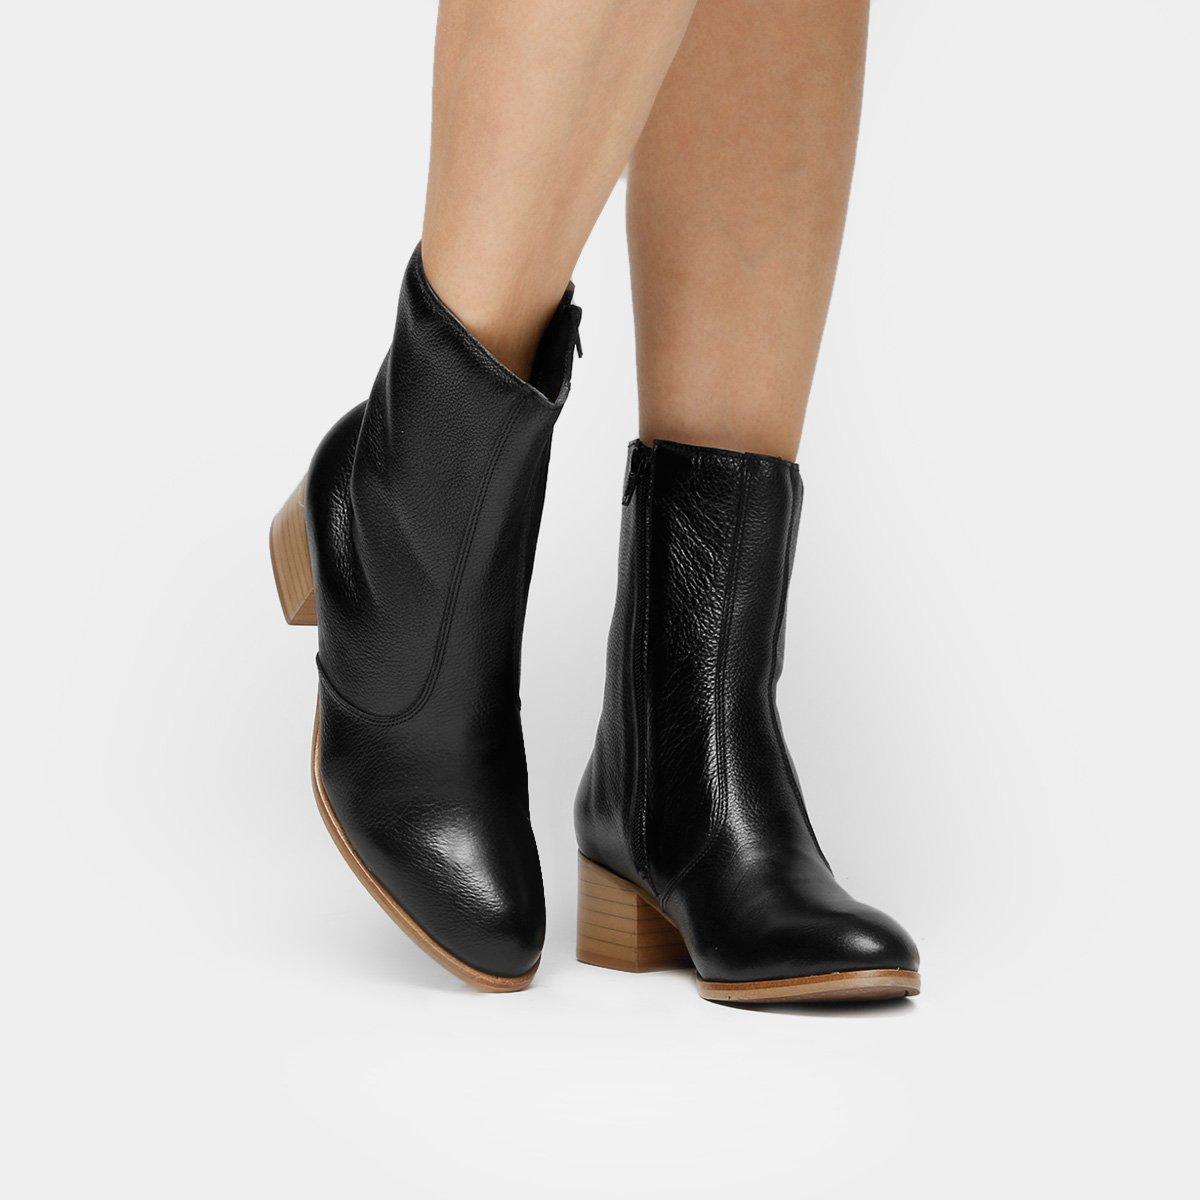 b611d217b Bota Couro Cano Médio Shoestock Salto Bloco - Preto - Compre Agora ...